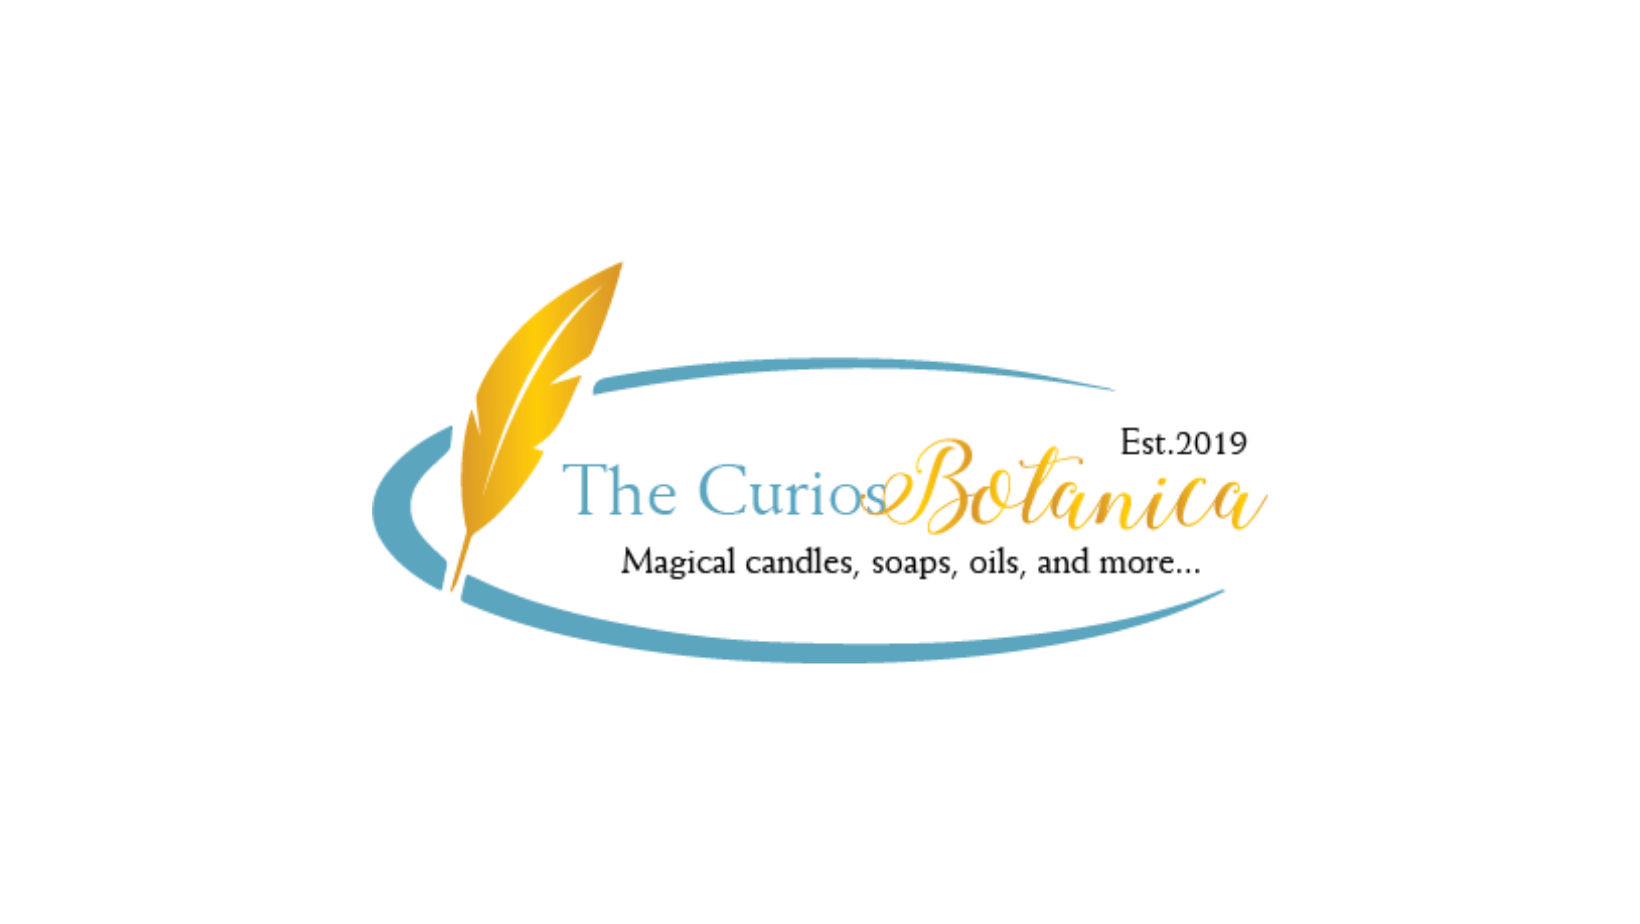 The Curios Botanica review